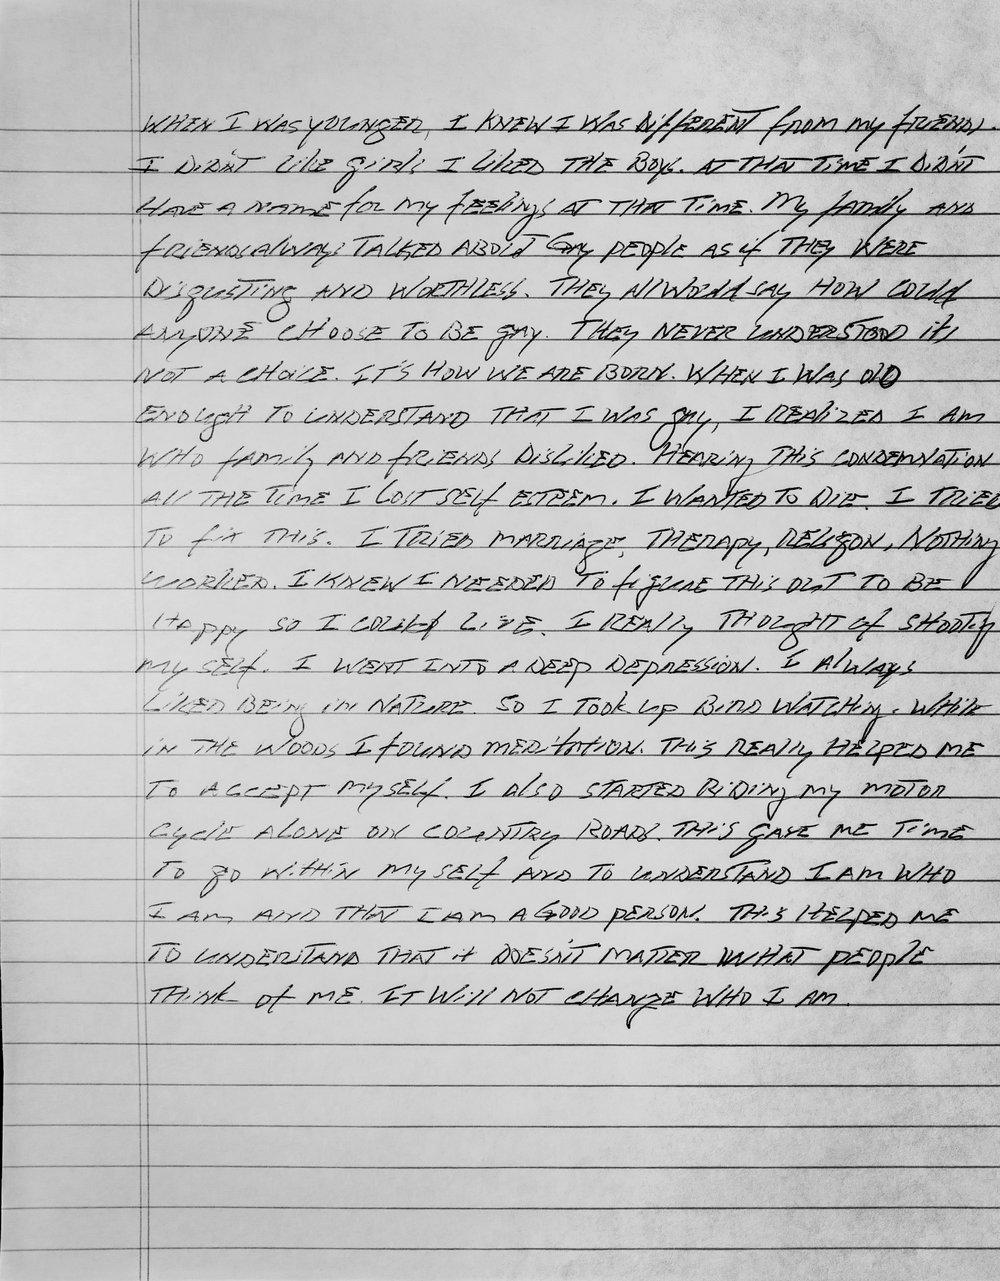 edit letter-5.jpg terry.jpg